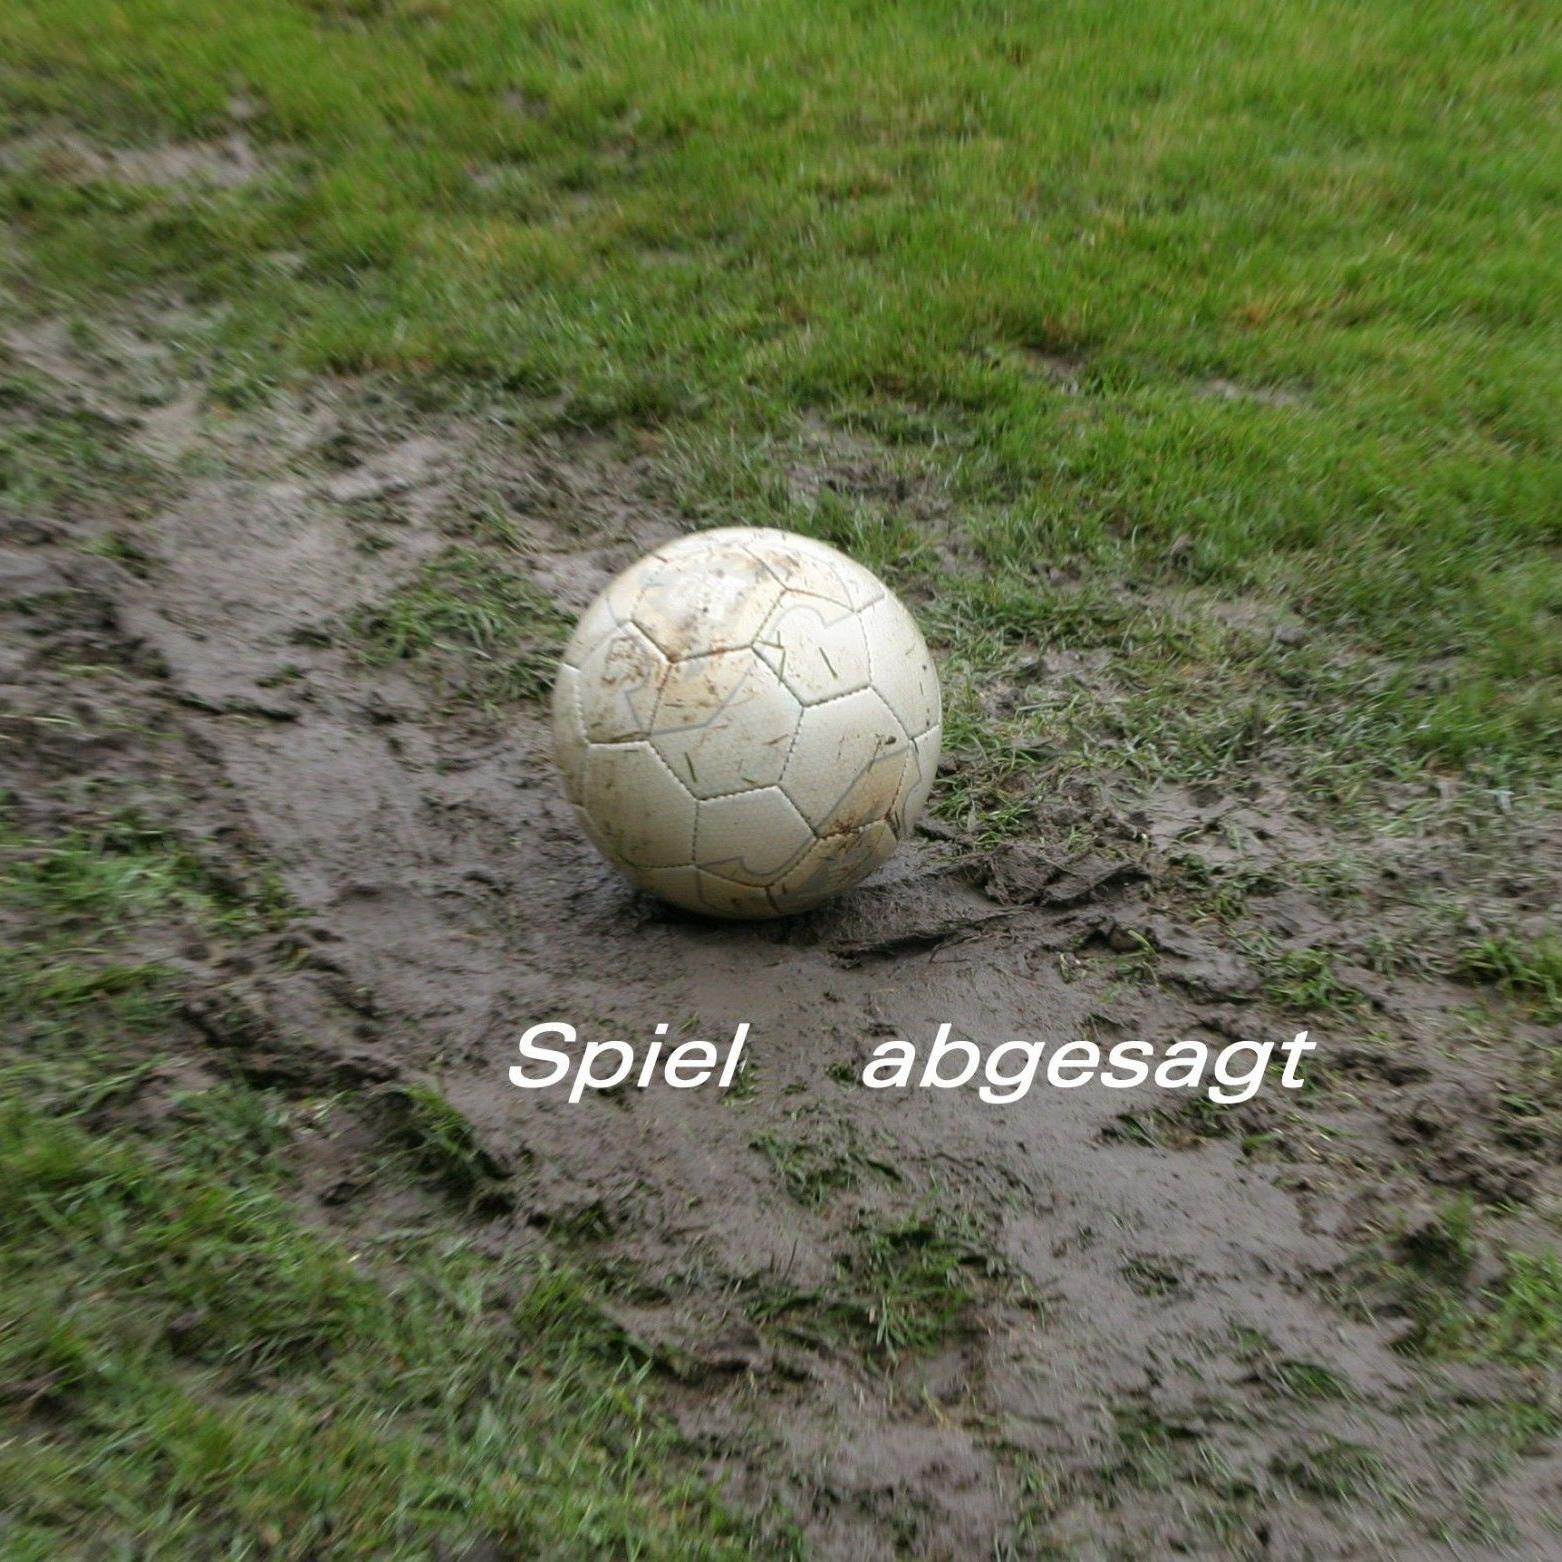 Zwölf Meisterschaftsspiele mussten abgesagt werden und zu einem späteren Zeitpunkt nachgetragen.